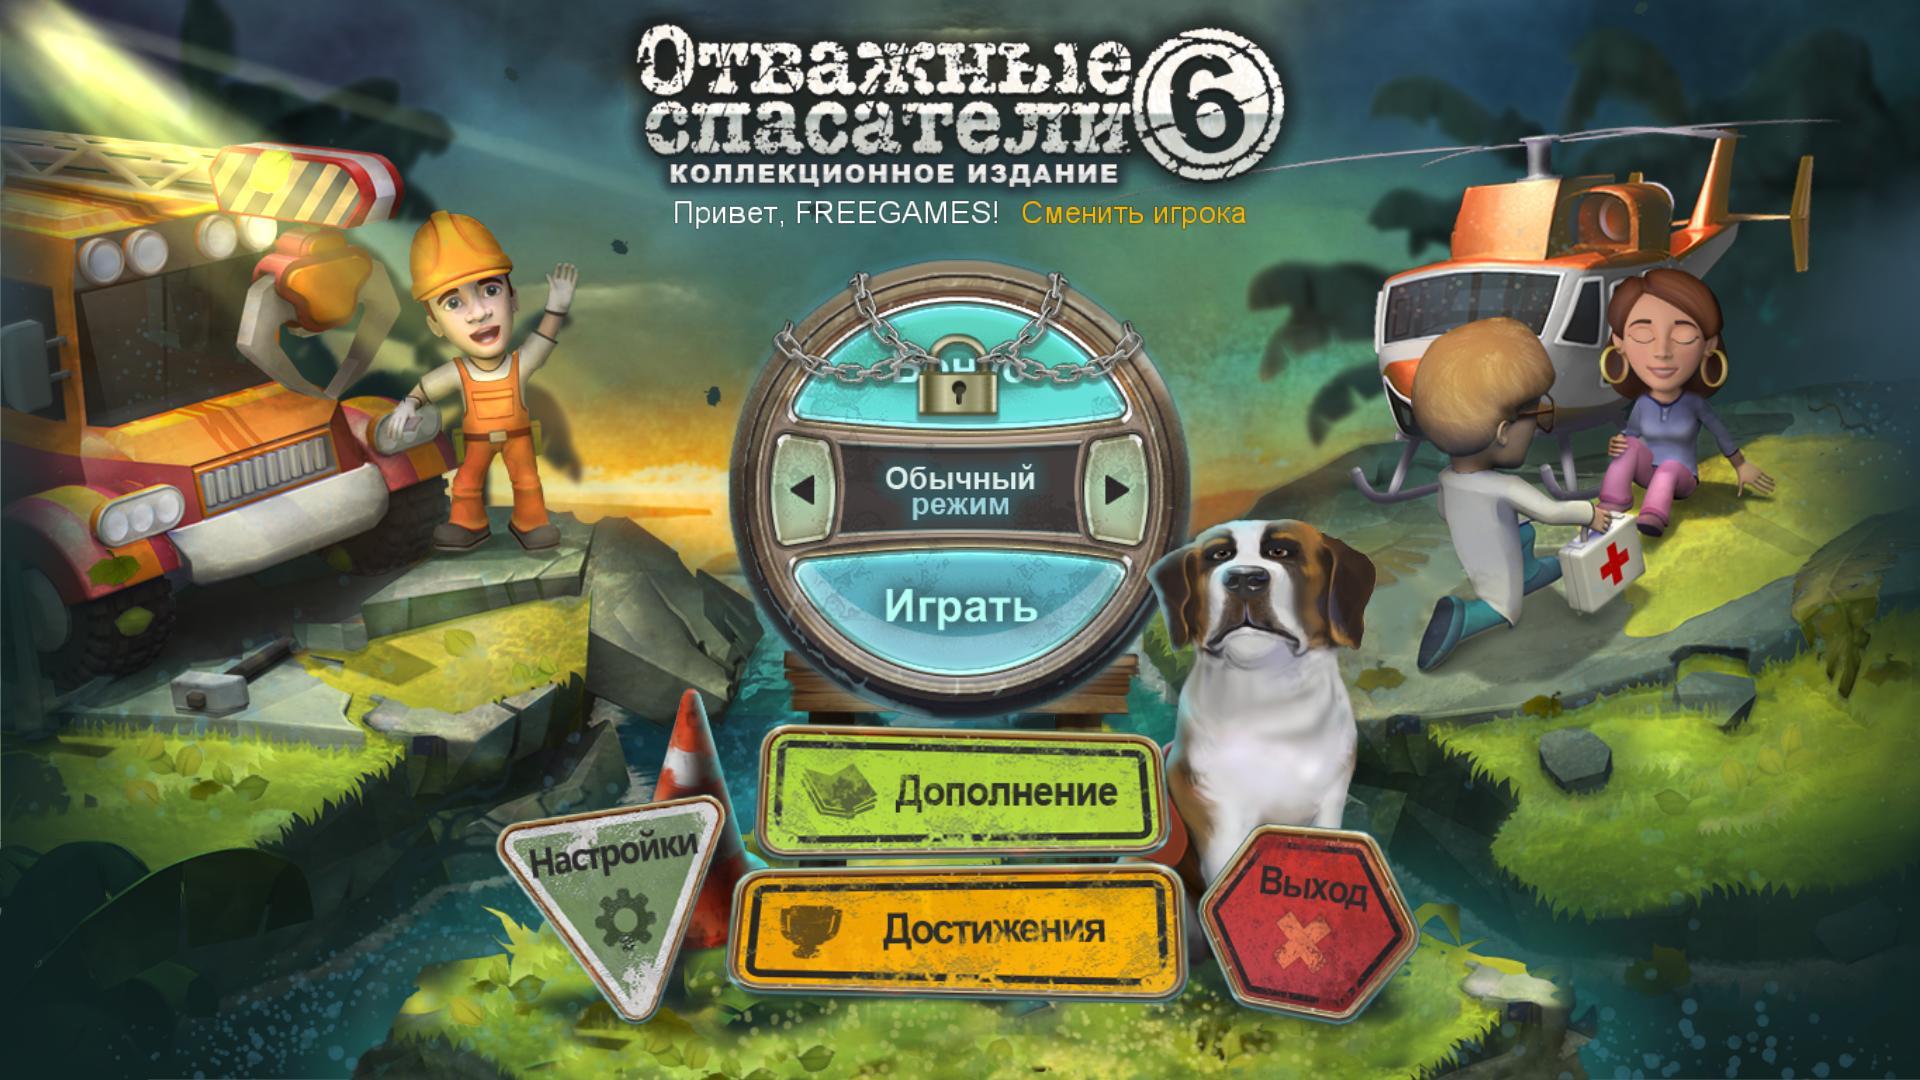 Отважные спасатели 6. Коллекционное издание | Rescue Team 6 CE (Rus)